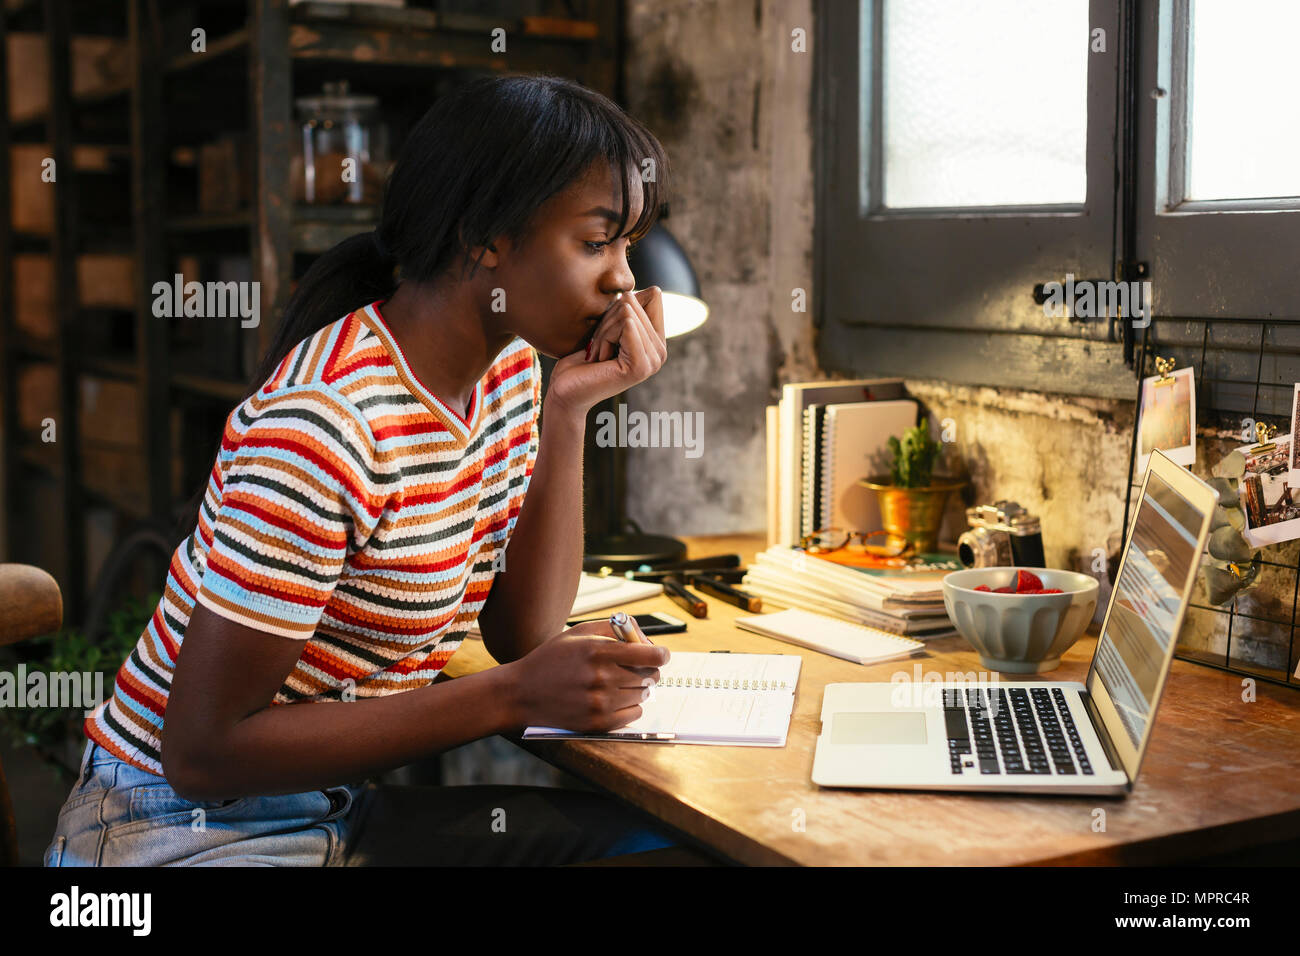 Pensieroso giovane donna seduta alla scrivania in un loft guardando al laptop Immagini Stock